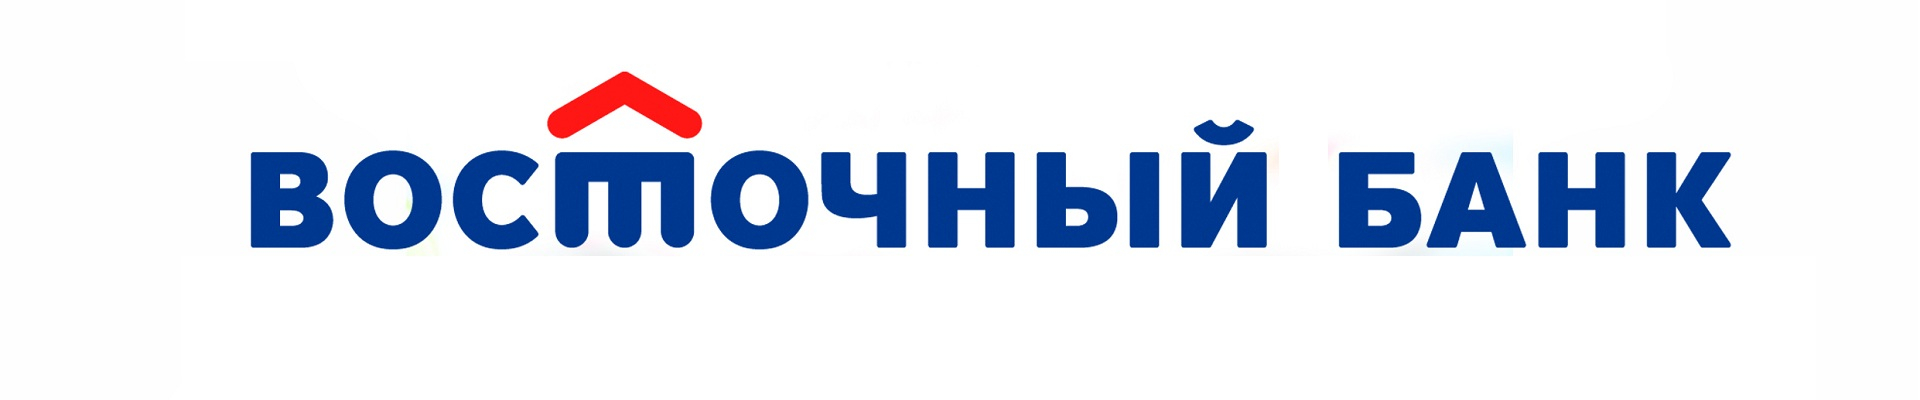 Банк «Восточный» переводит все задолженности своих клиентов по кредитным картам в «Совкомбанк»